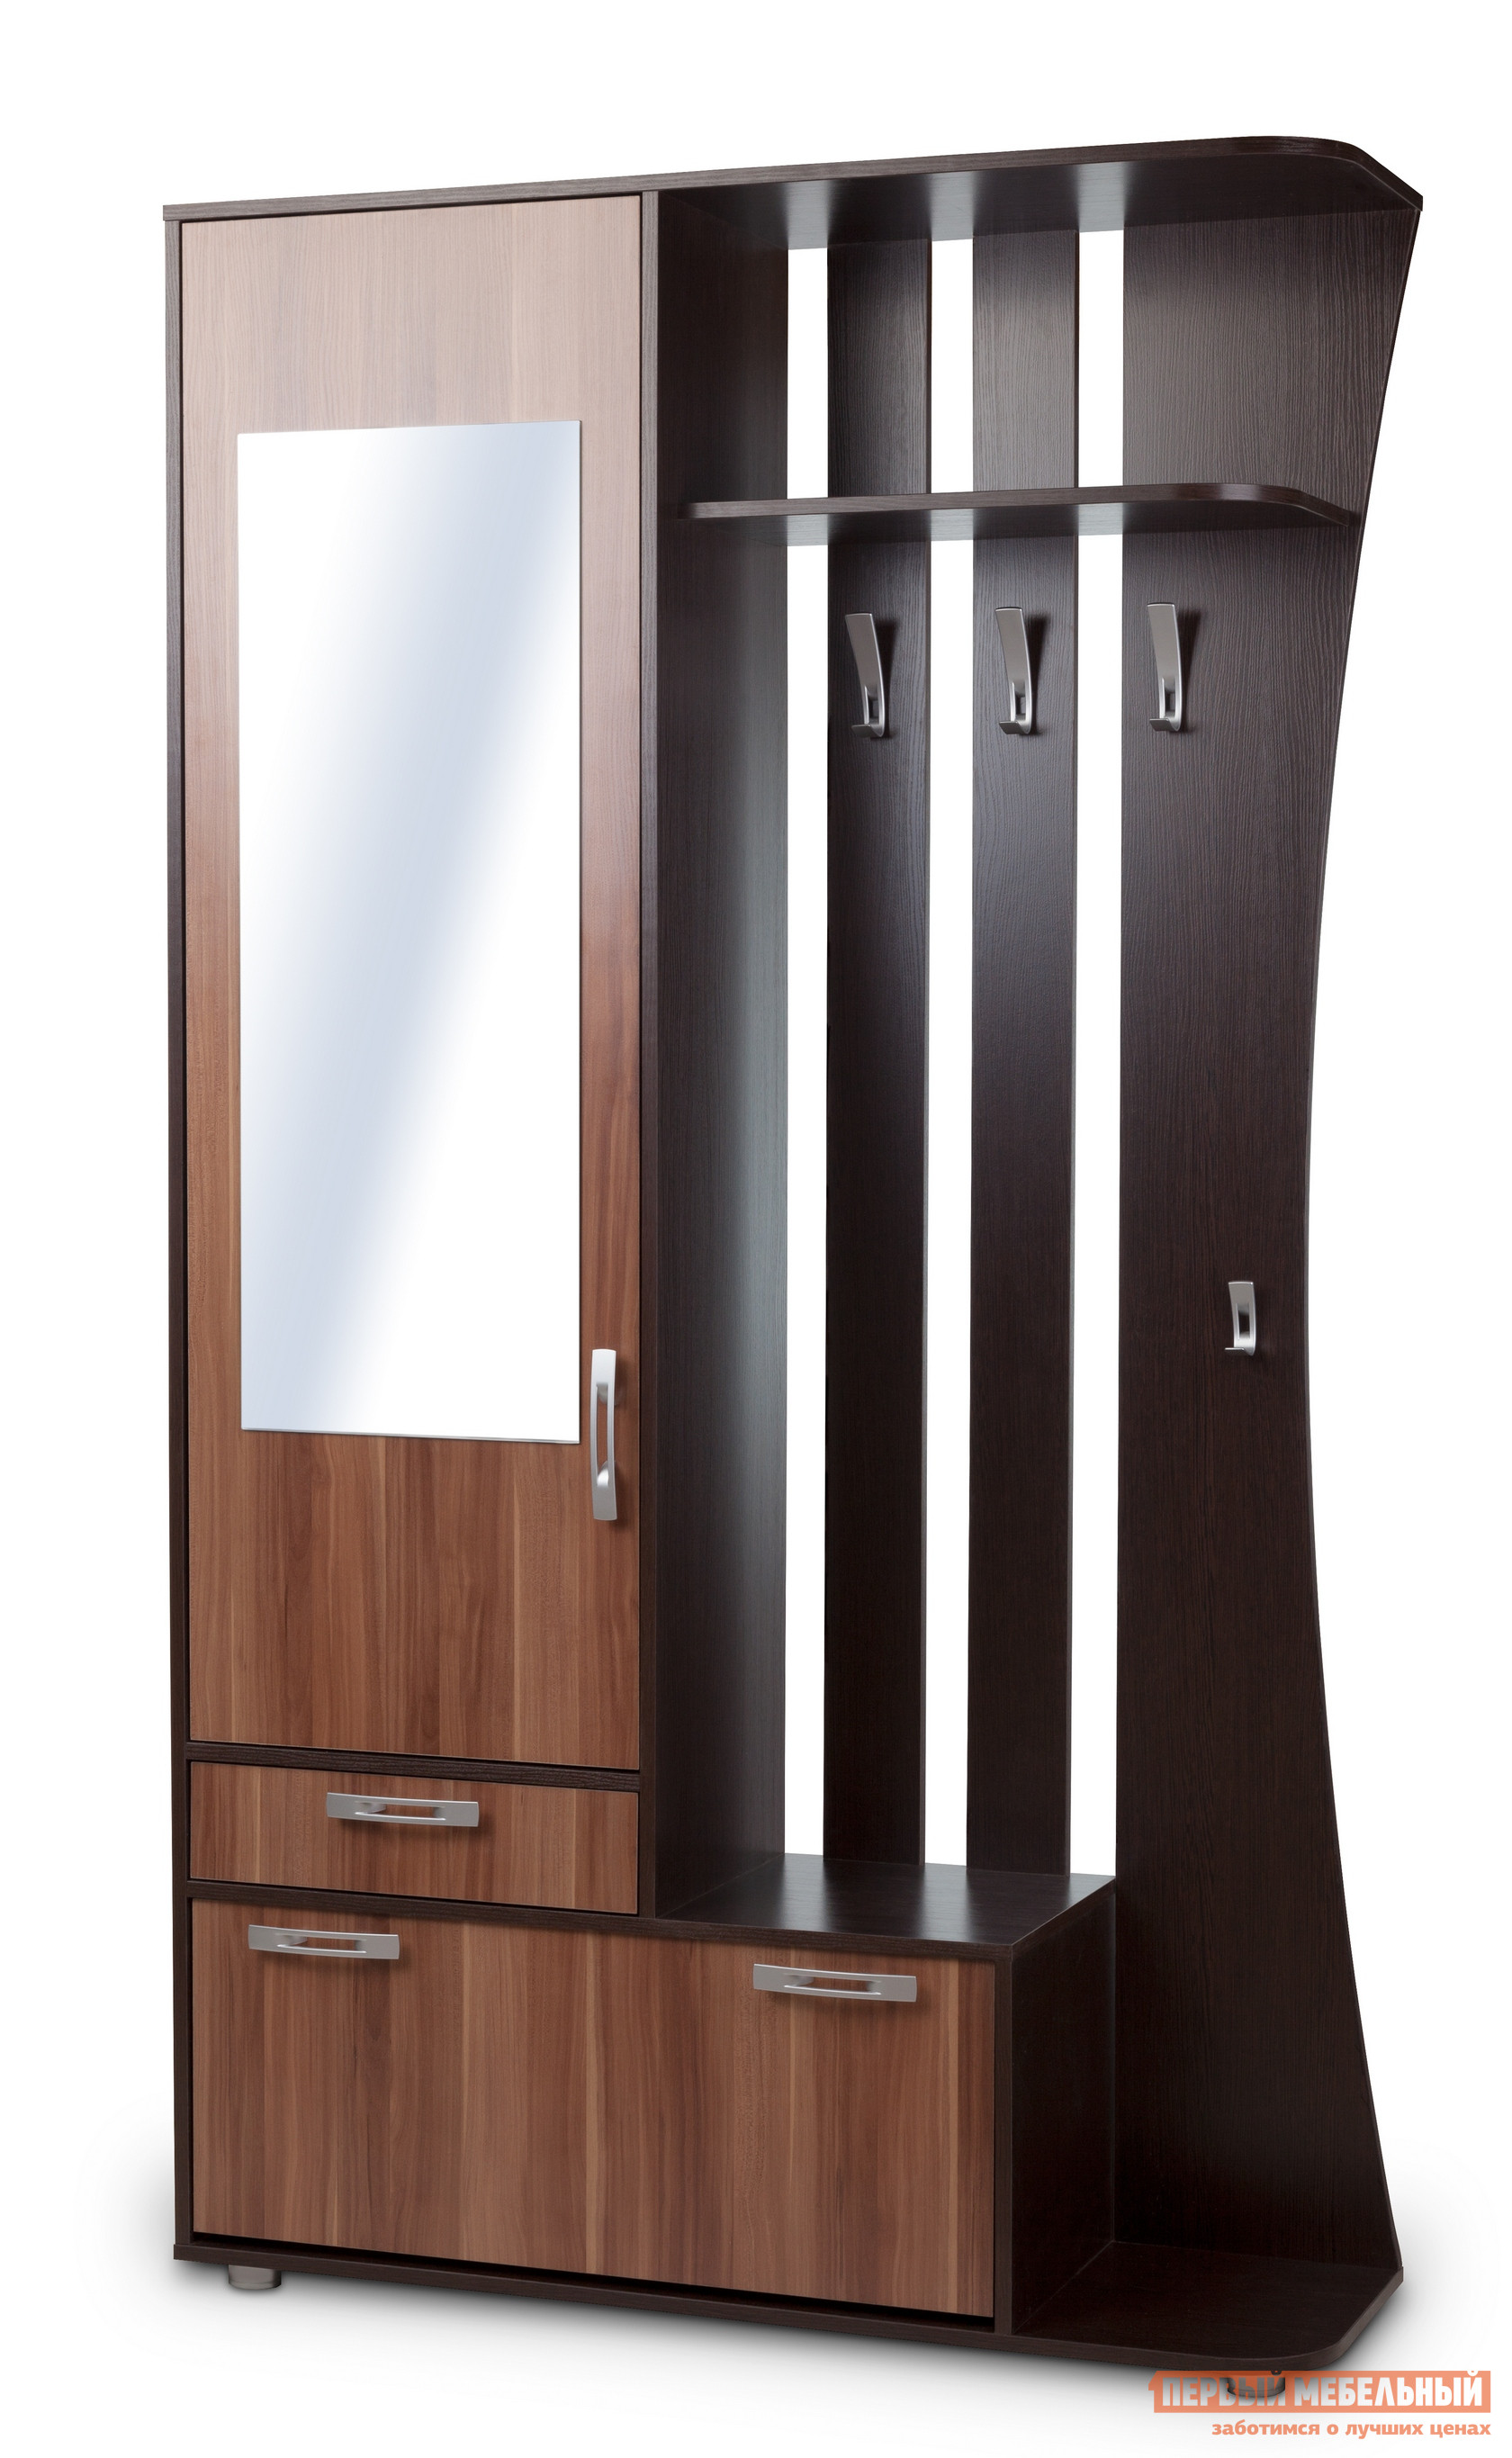 Прихожая Вентал Классик Венге / Слива ВаллисПрихожие в коридор<br>Габаритные размеры ВхШхГ 2140x1200x370 мм. Компактная, но выполняющая все необходимые функции, прихожая.  Включает в себя: два выдвижных ящика, шкаф для верхних вещей с зеркалом на дверце, вешалку с крючками для сезонной одежды и зонтика с ручкой, полку для хранения головных уборов. Ящики  в прихожей разной величины: один предназначен для хранения шарфов, перчаток или домашних мелочей, другой представляет из себя обувницу с двумя горизонтальными отсеками для обуви. Прихожая универсальна при сборке, зеркало может быть расположено с любой стороны.  Изготовлен из качественной ЛДСП, кант мебели обработан ПВХ. Размер зеркала составляет (ВхШ): 1000 х 370 мм.<br><br>Цвет: Венге / Слива Валлис<br>Цвет: Коричневое дерево<br>Высота мм: 2140<br>Ширина мм: 1200<br>Глубина мм: 370<br>Кол-во упаковок: 2<br>Форма поставки: В разобранном виде<br>Срок гарантии: 2 года<br>Тип: Прямые<br>Характеристика: Немодульные<br>Материал: из ЛДСП<br>Размер: Маленькие, Глубиной до 40 см, Глубиной до 45 см, Шириной до 120 см, Шириной до 130 см, Шириной до 140 см<br>Особенности: С зеркалом, С открытой вешалкой, На ножках, С обувницей, Со шкафом, С распашным шкафом<br>Стиль: Современный